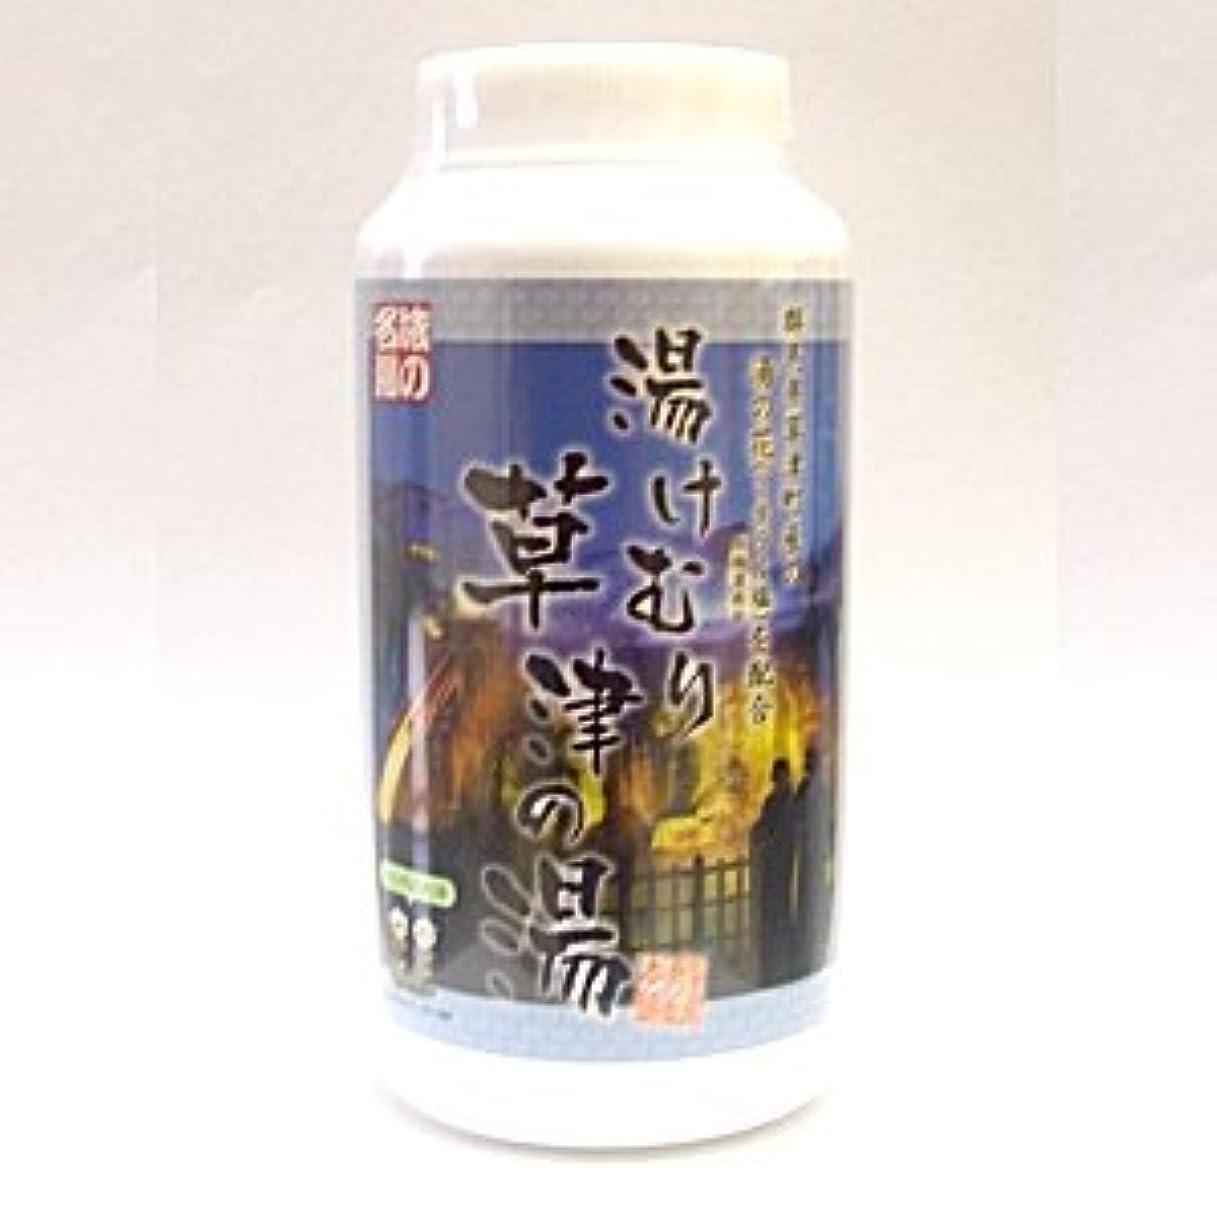 信頼できるいくつかの仲人湯けむり草津の湯 群馬県草津町産の「湯の花」配合 500g